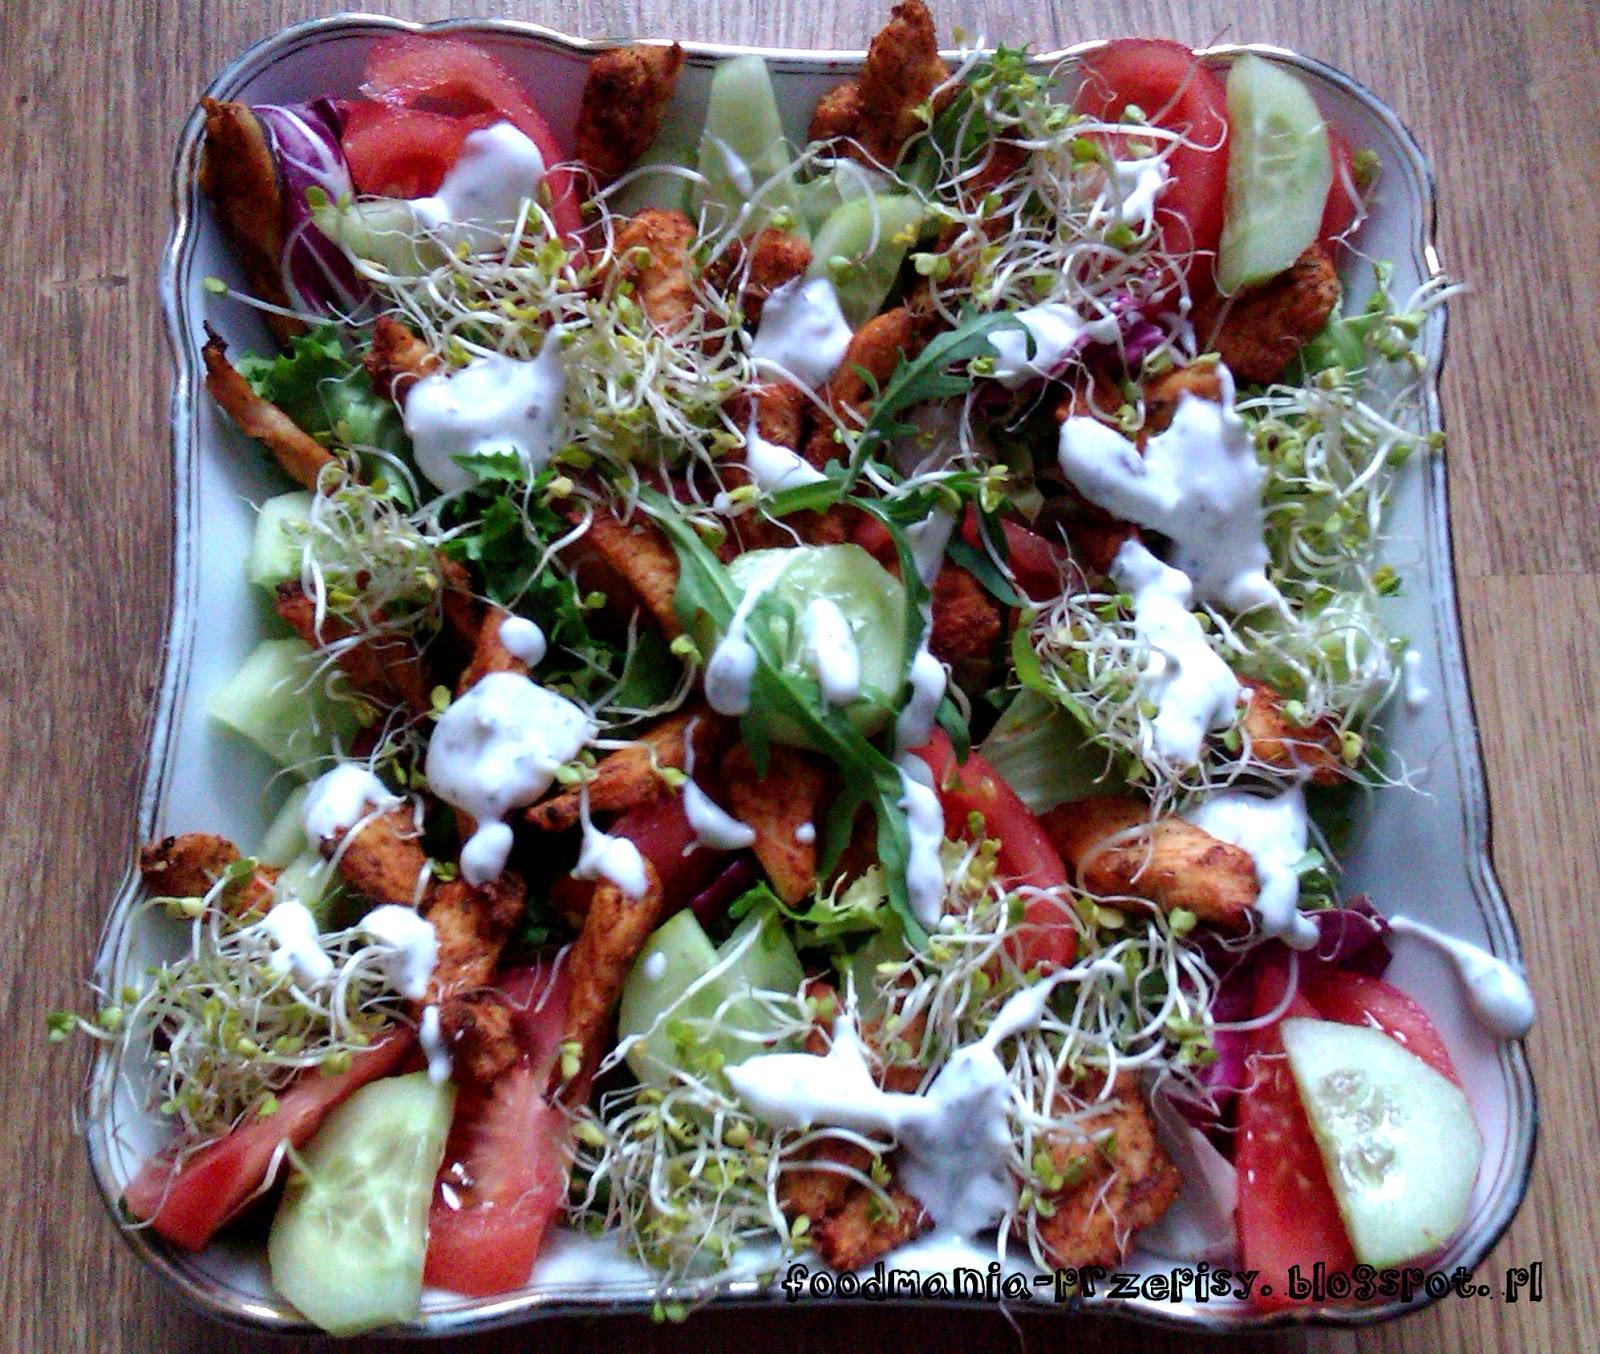 http://foodmania-przepisy.blogspot.com/2014/02/saatka-z-grillowanym-kurczakiem.html